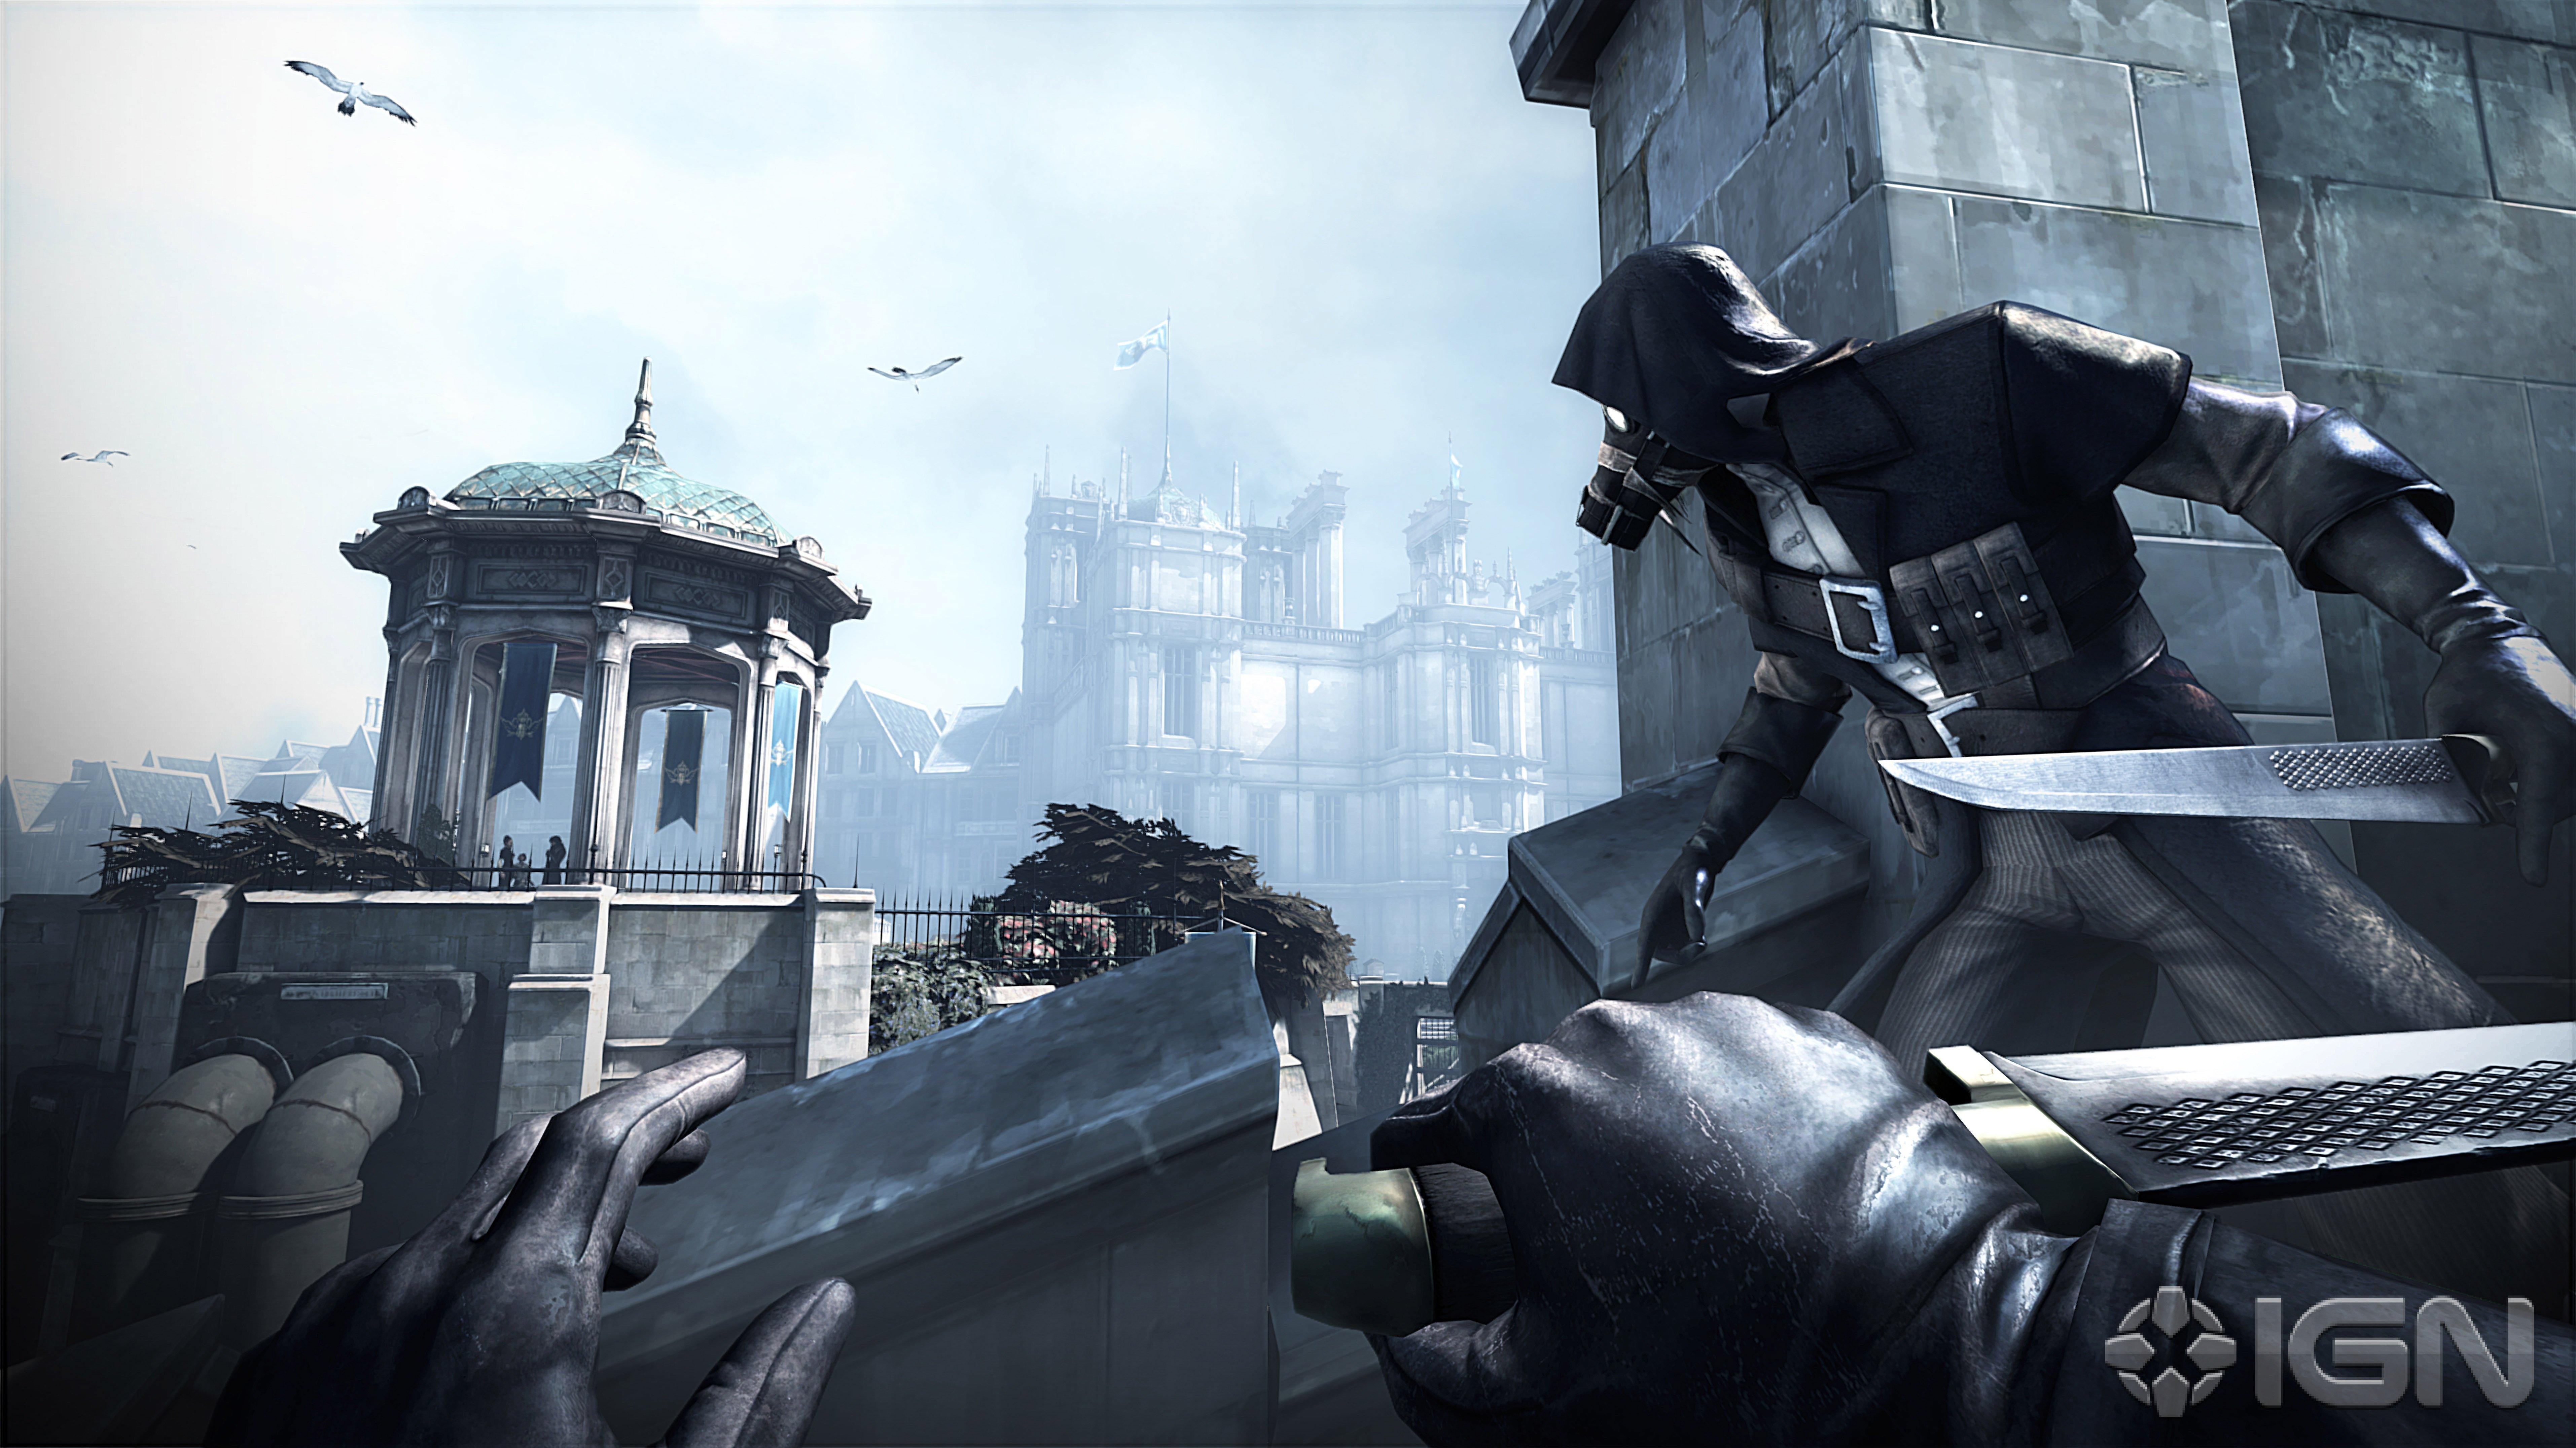 Вы уже видели скрины к грядущим DLC Dishonored?Там будет 1. Китобойня и 2. Миссия - завалить императрицу!Это, б***ь, ... - Изображение 2